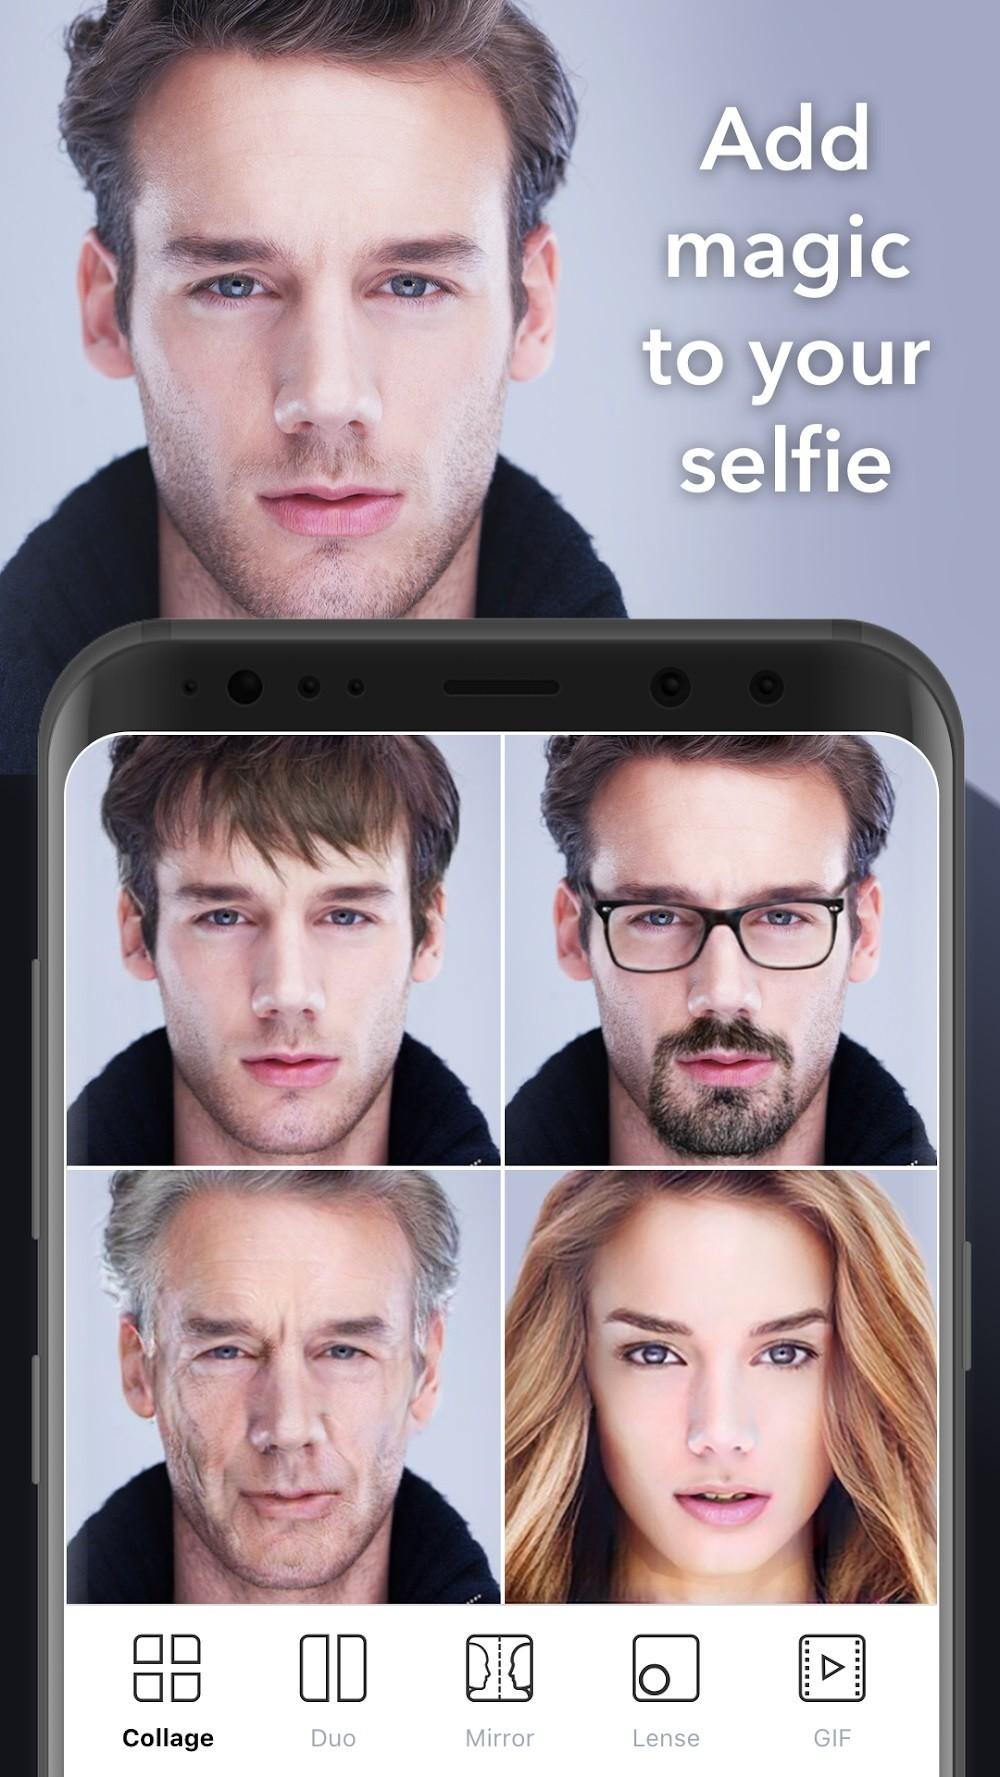 Procon-SP notifica empresas para apurar possível violação de privacidade por aplicativo que envelhece fotos